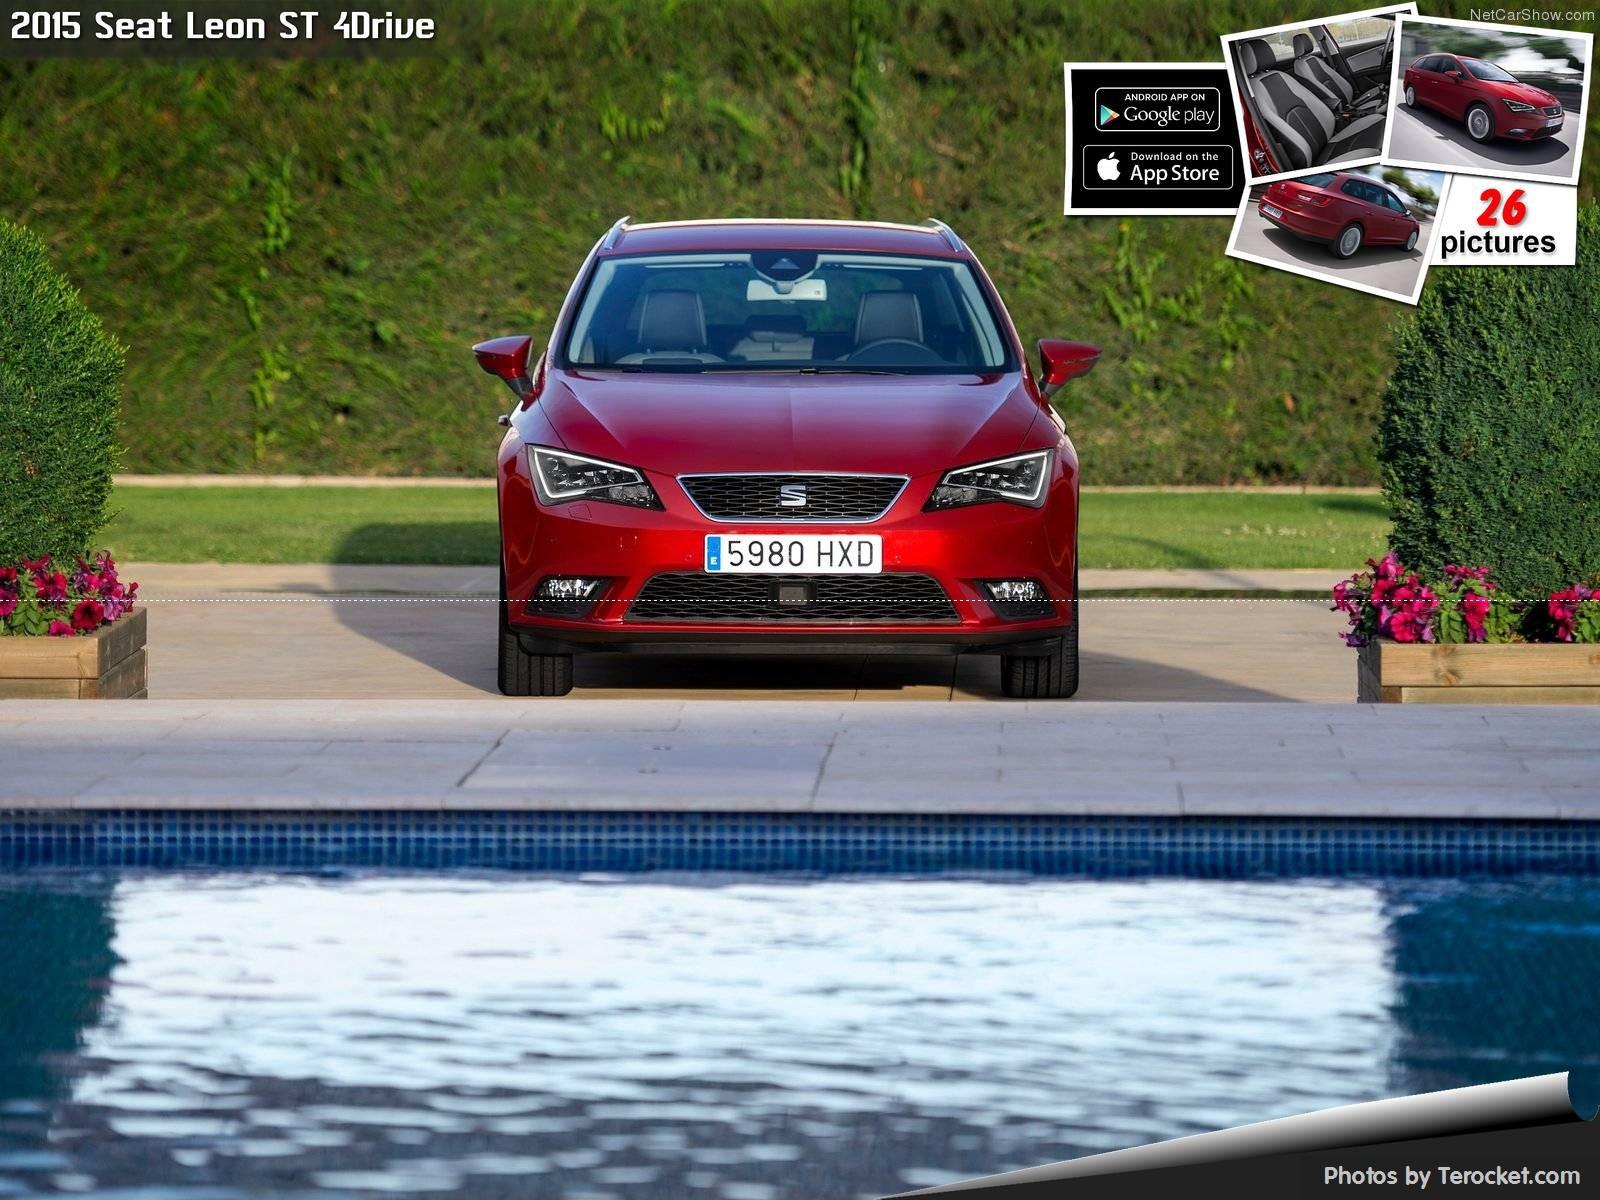 Hình ảnh xe ô tô Seat Leon ST 4Drive 2015 & nội ngoại thất